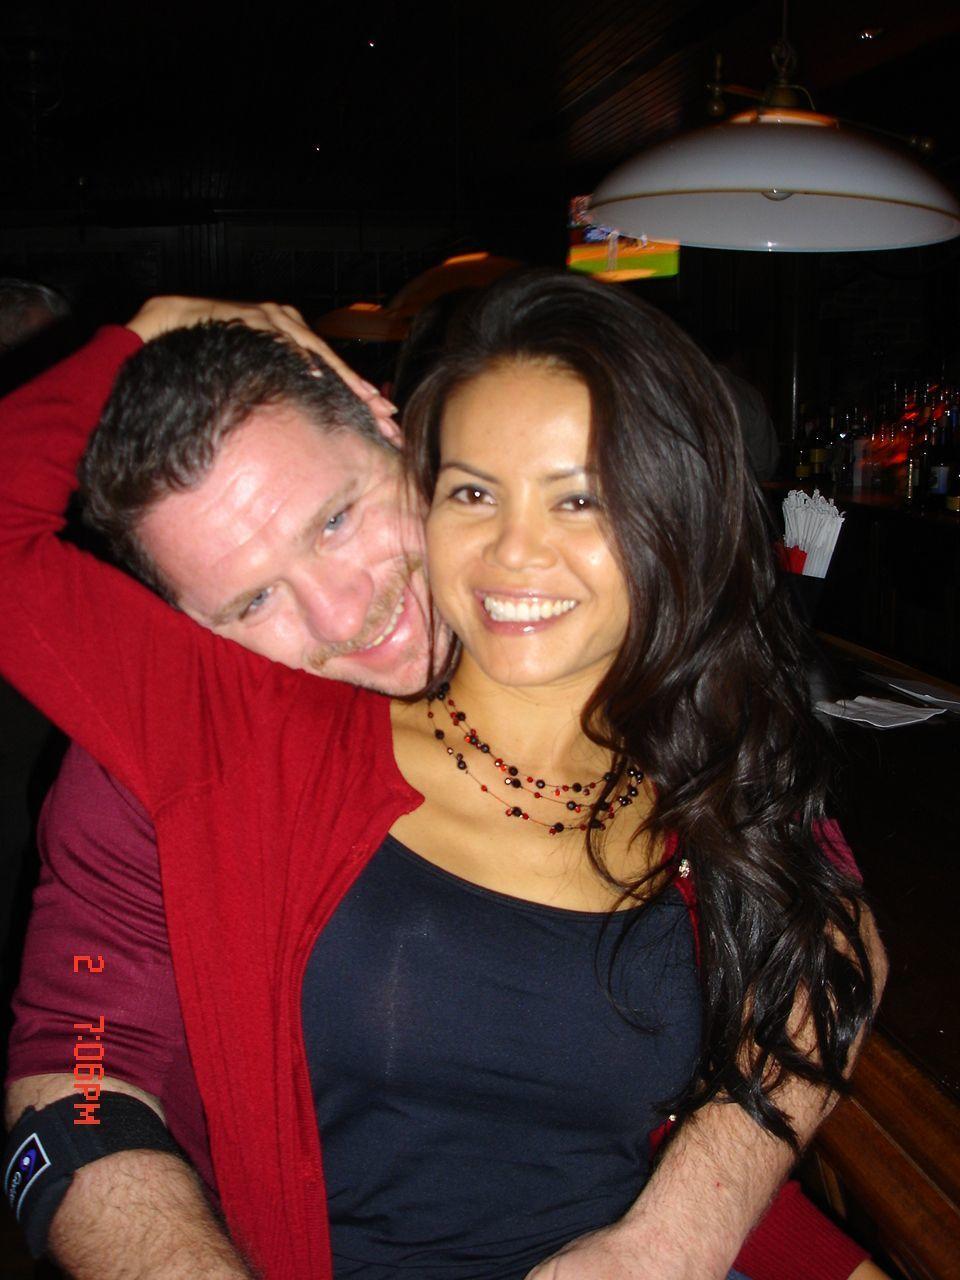 Personals in leesburg va Women Seeking Men in Leesburg, Leesburg Dating & Personals, Leesburg Dating Classifieds - virginia